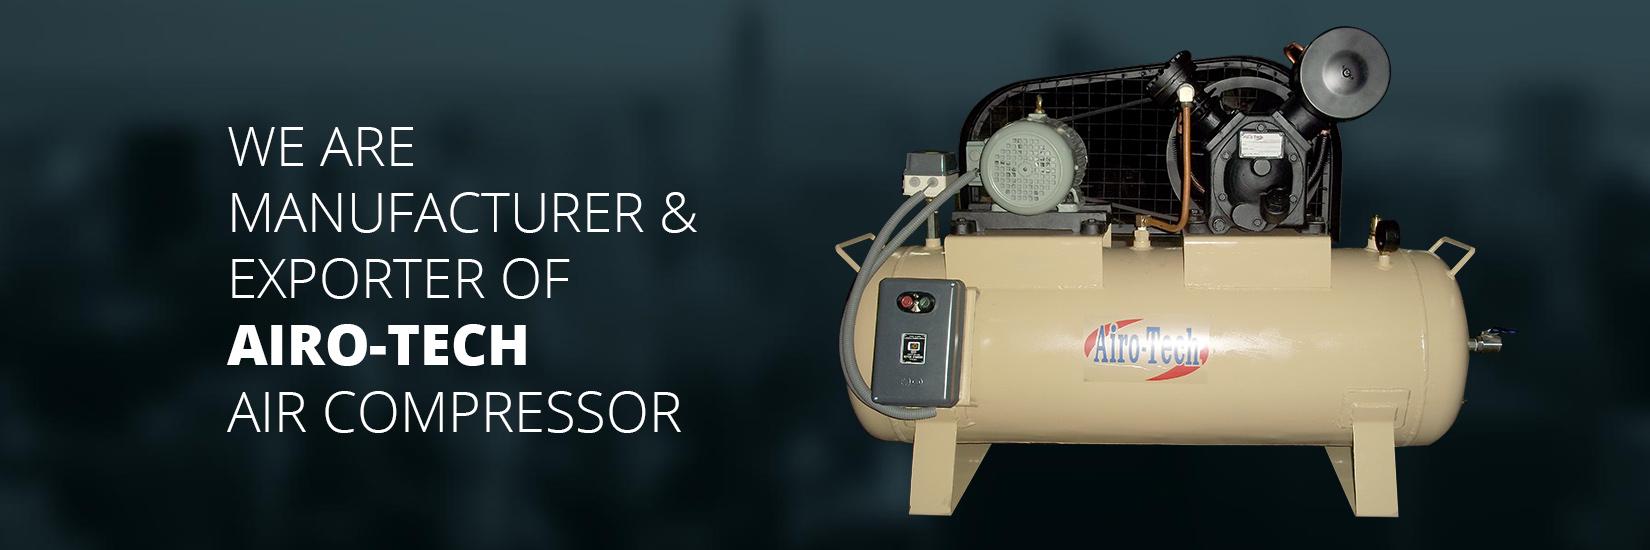 Airo Tech Compressor Manufacturer in India